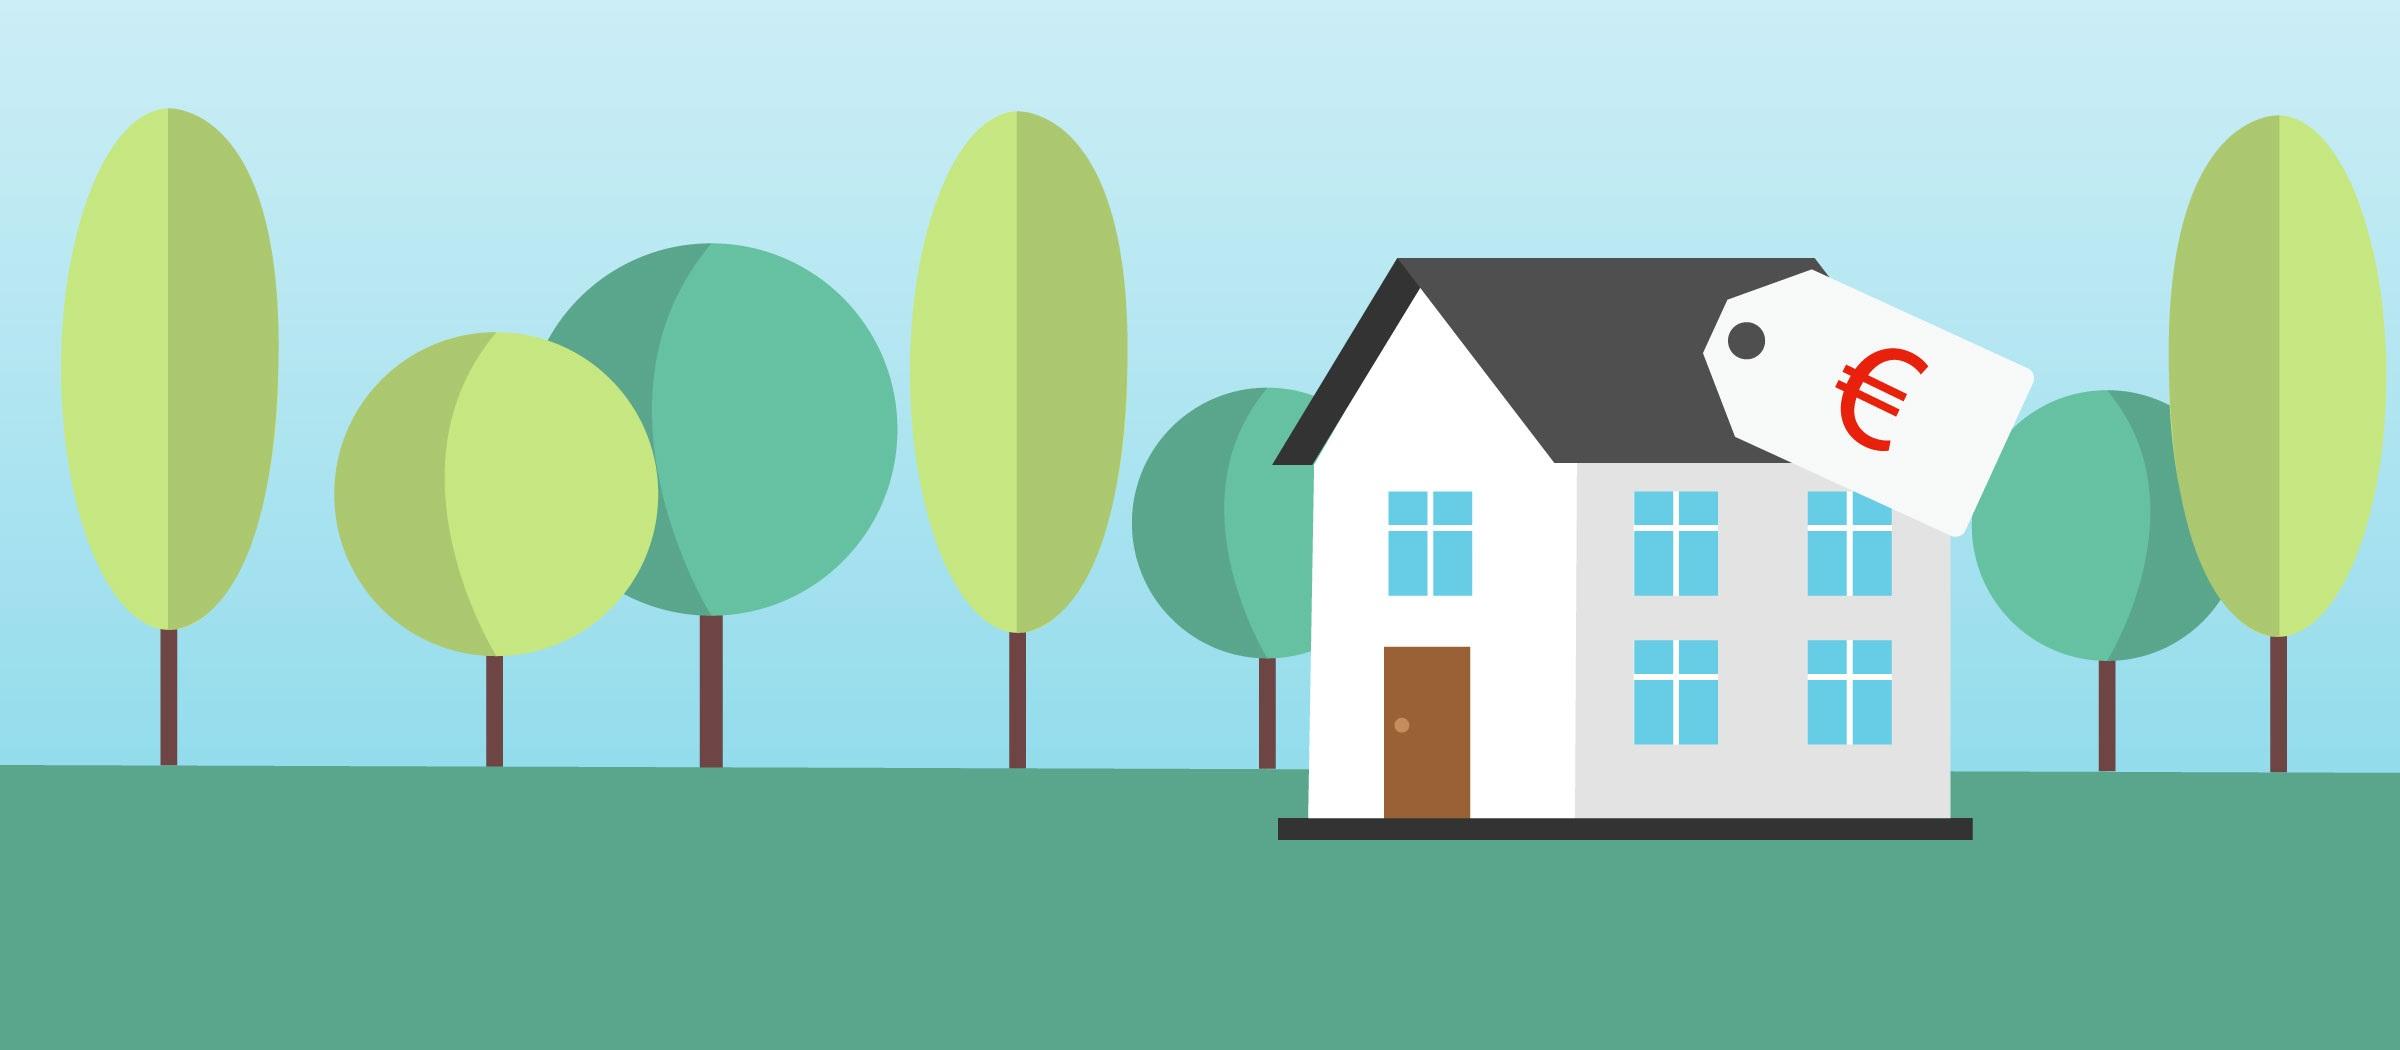 Mit unserem neuen S-ImmoPreisfinder können Sie als Kunde Sparkasse Fürth diesen ganz leicht und kostenlos einen Richtwert für Ihre Immobilie ermitteln.